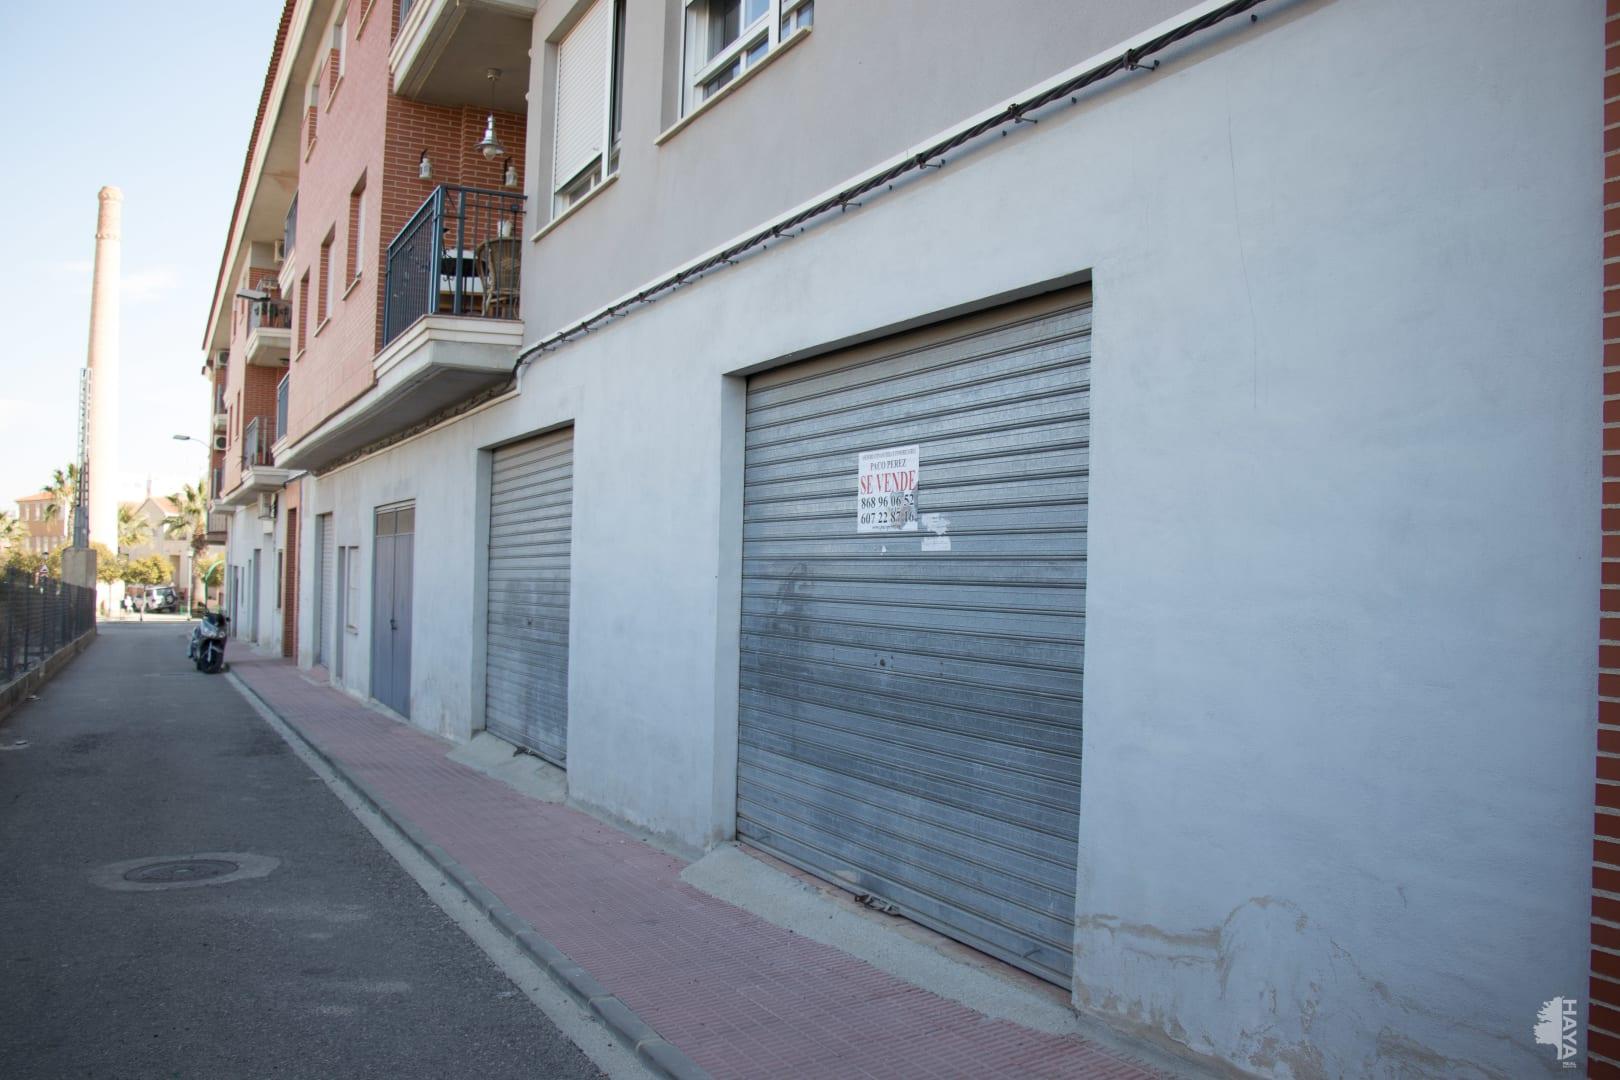 Local en venta en Mula, Murcia, Calle Villa de Bullas, 54.991 €, 105 m2